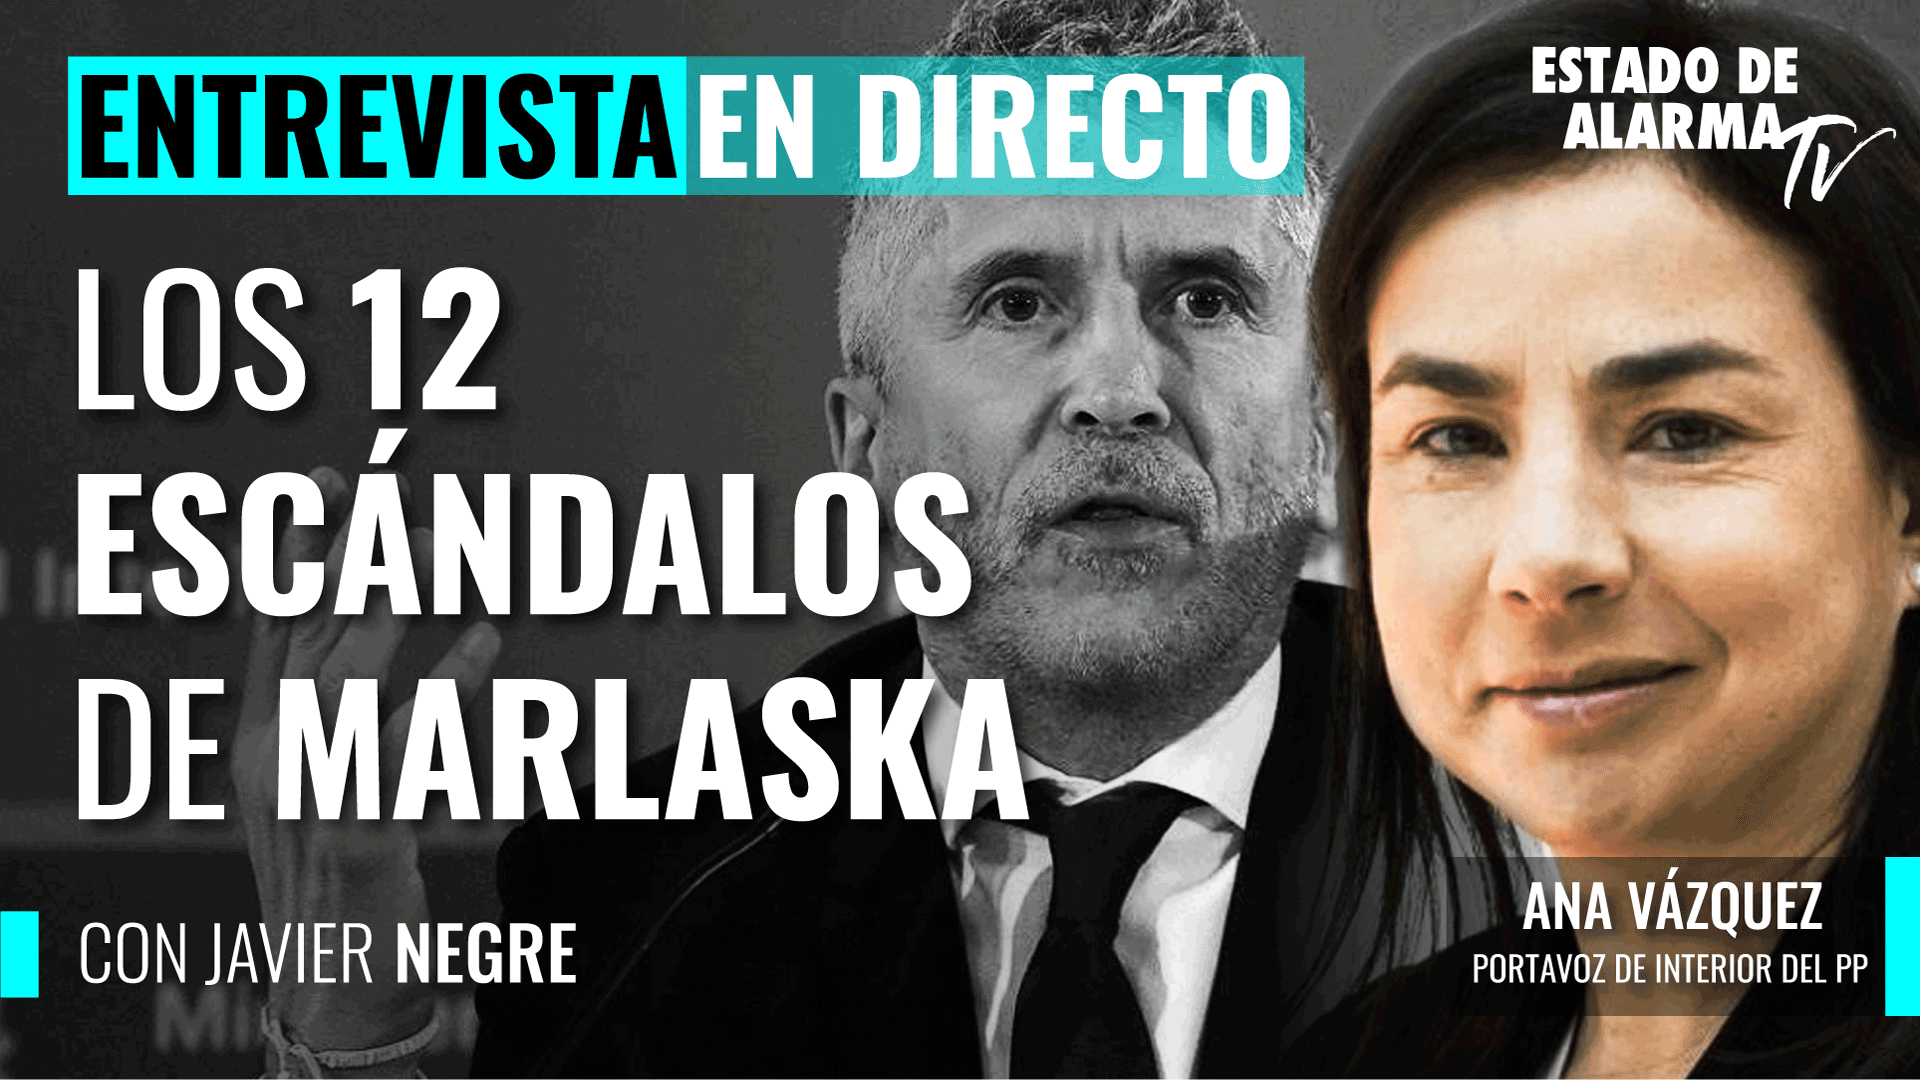 Imagen del video: Los 12 escándalos del ministro Marlaska